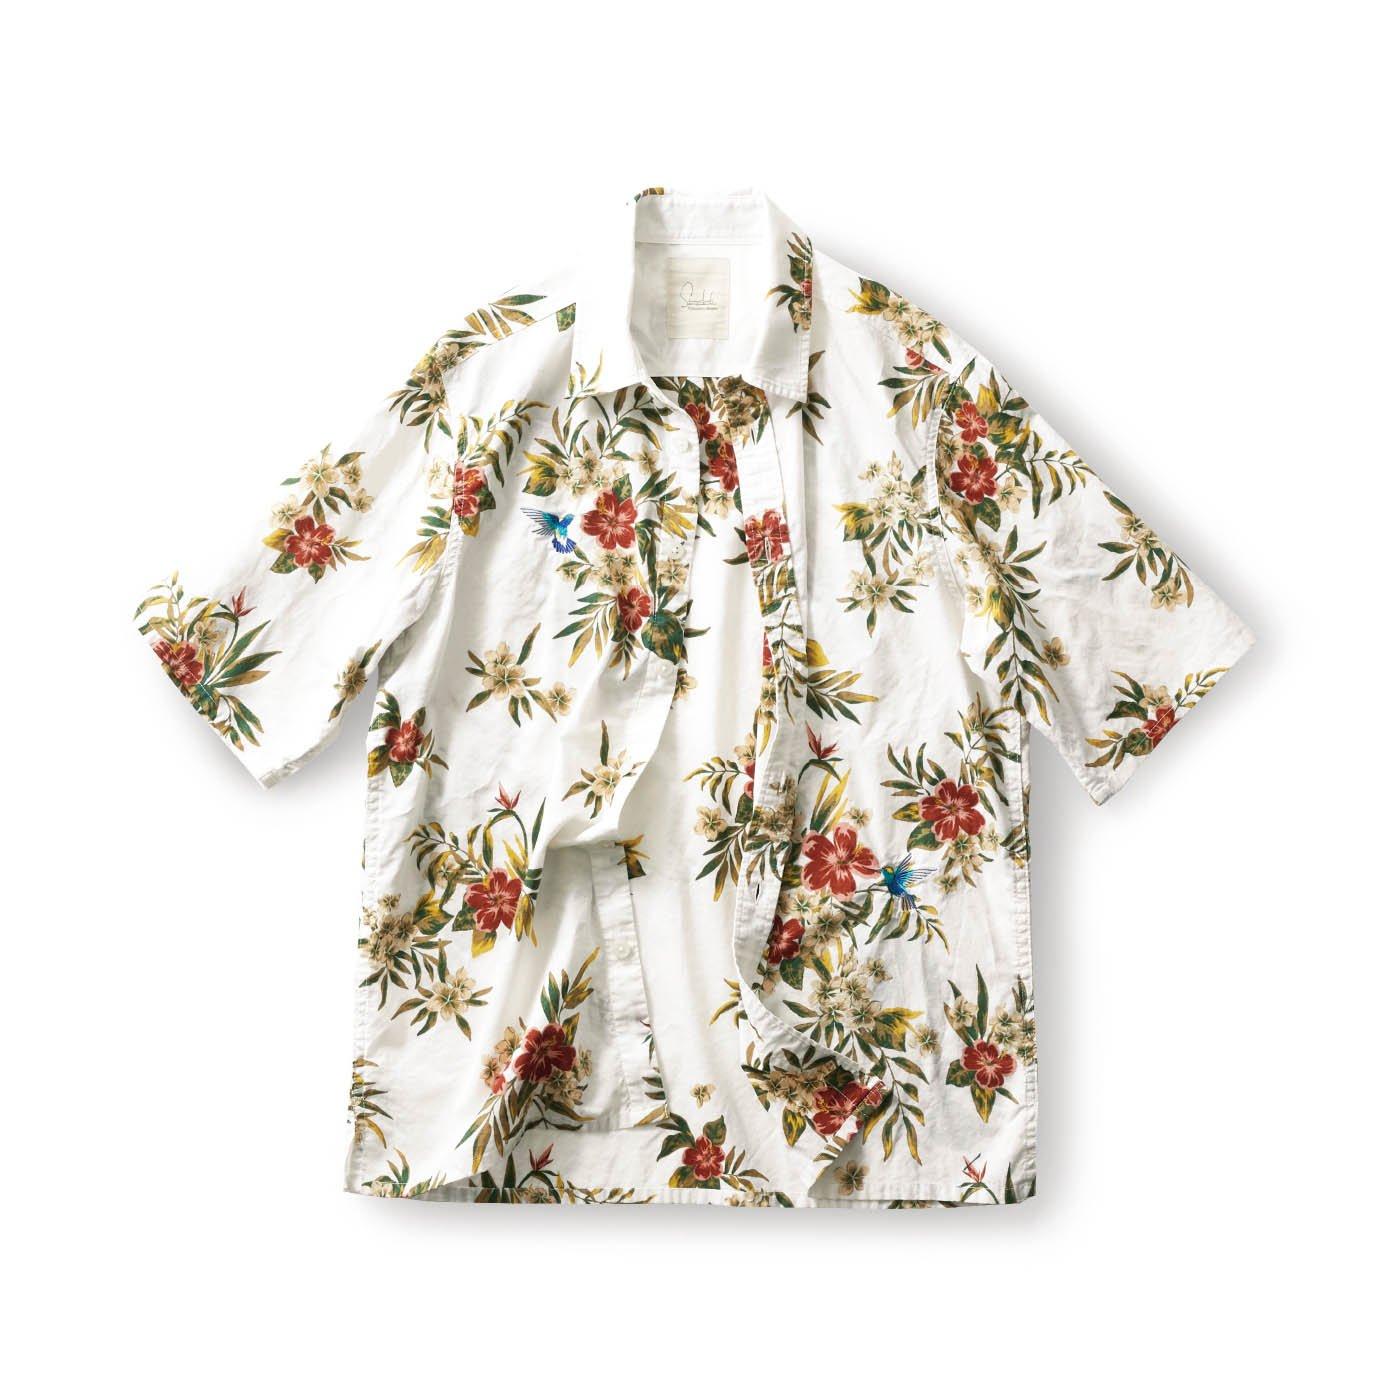 サニークラウズ はちどりアロハシャツ〈メンズ〉